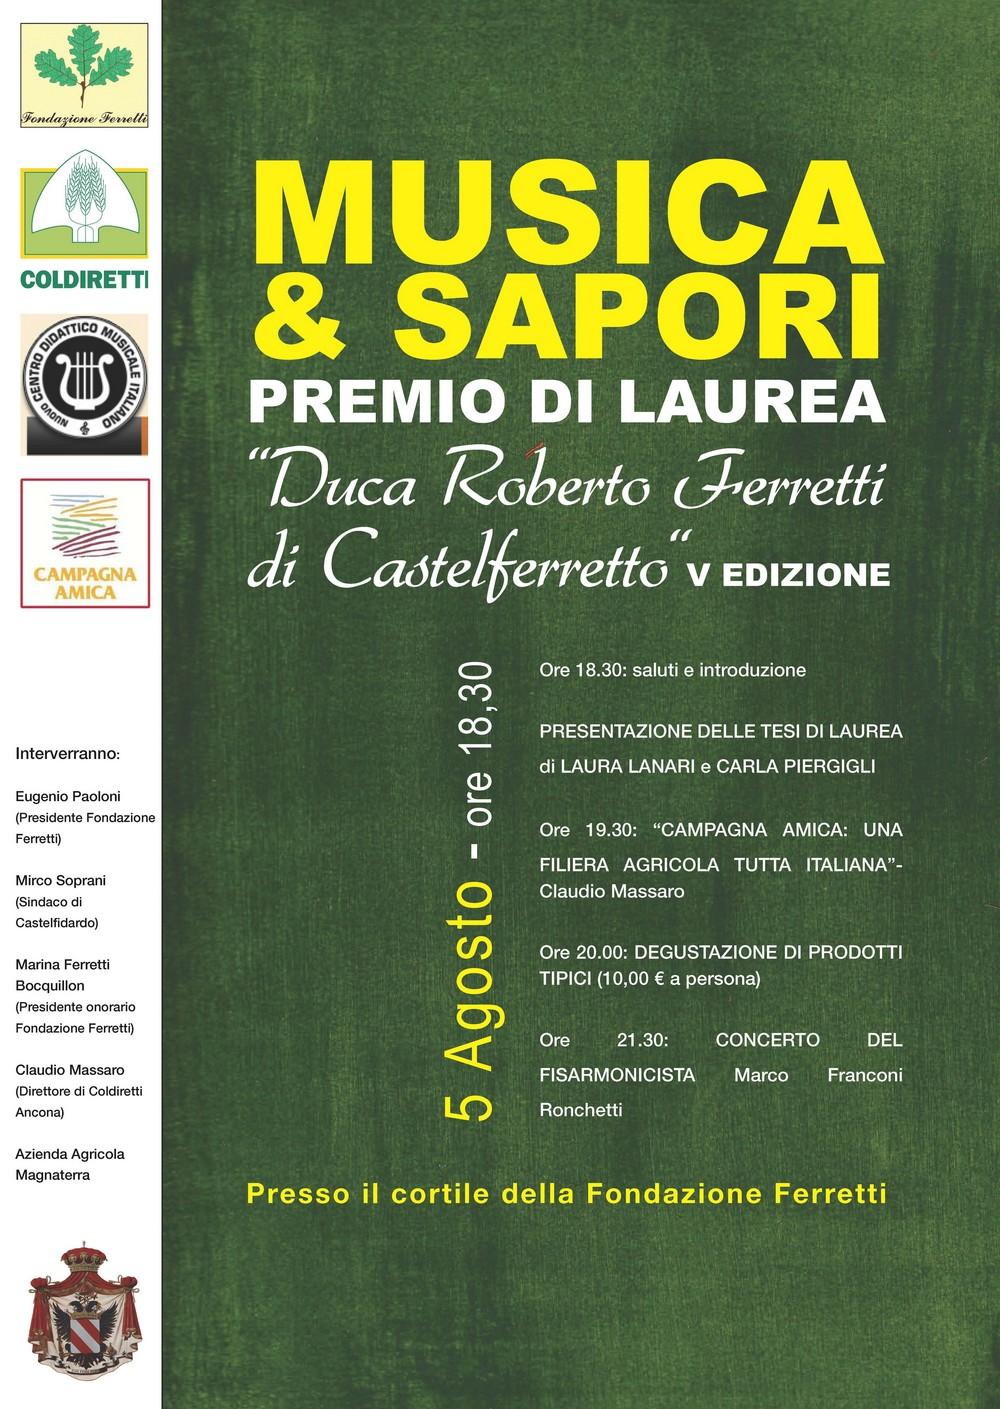 Musica&Sapori, consegna del Premio Ferretti